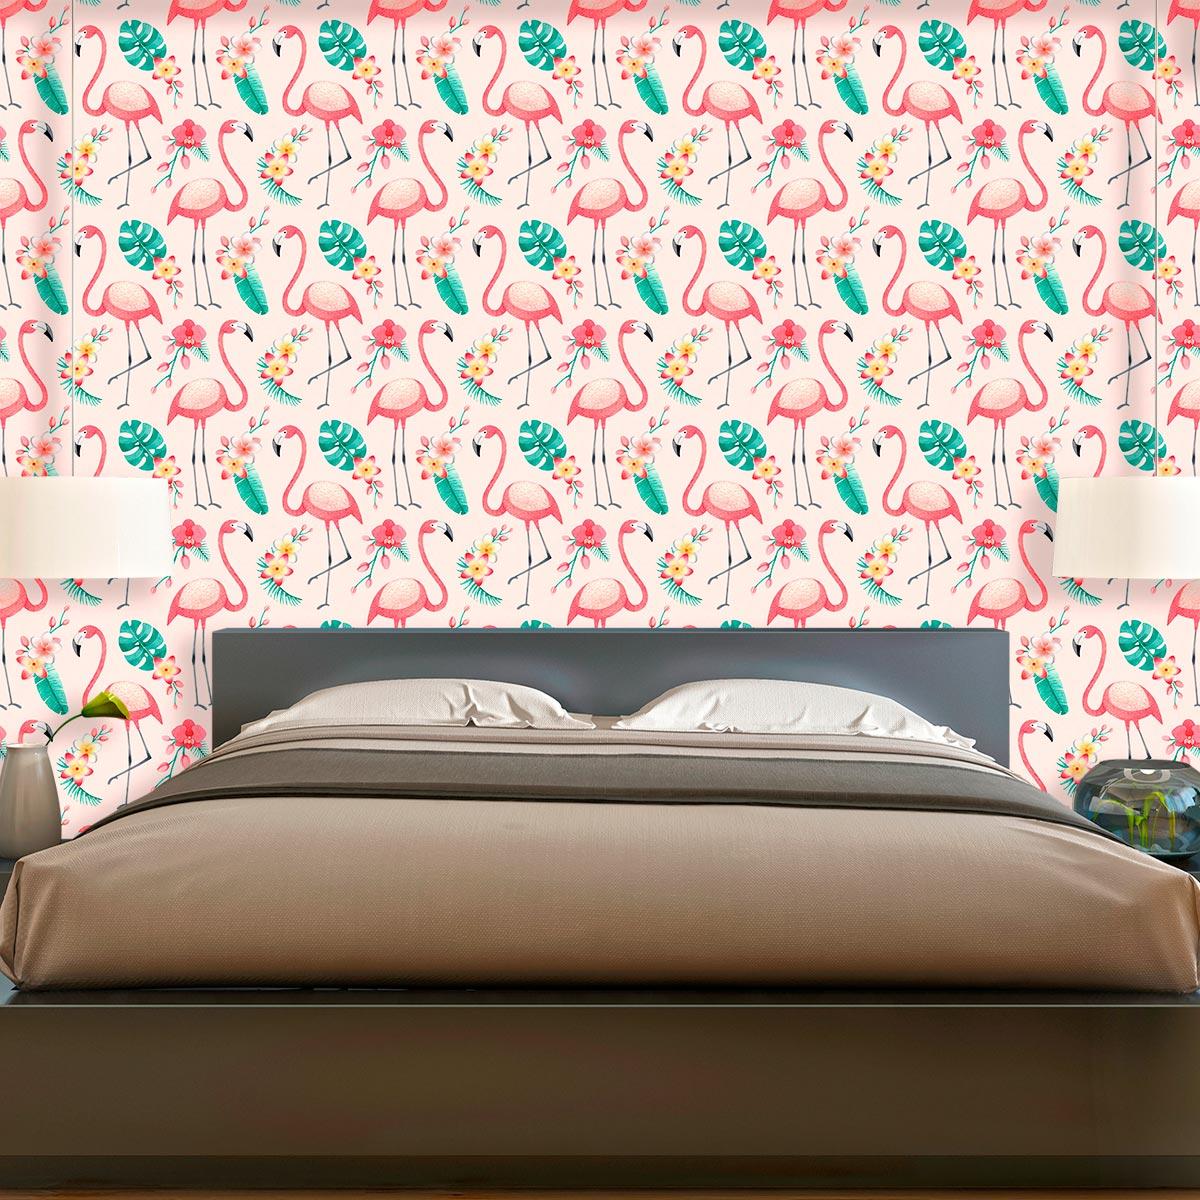 Papel de Parede Flamingo Floral Folhas Tropical Adesivo